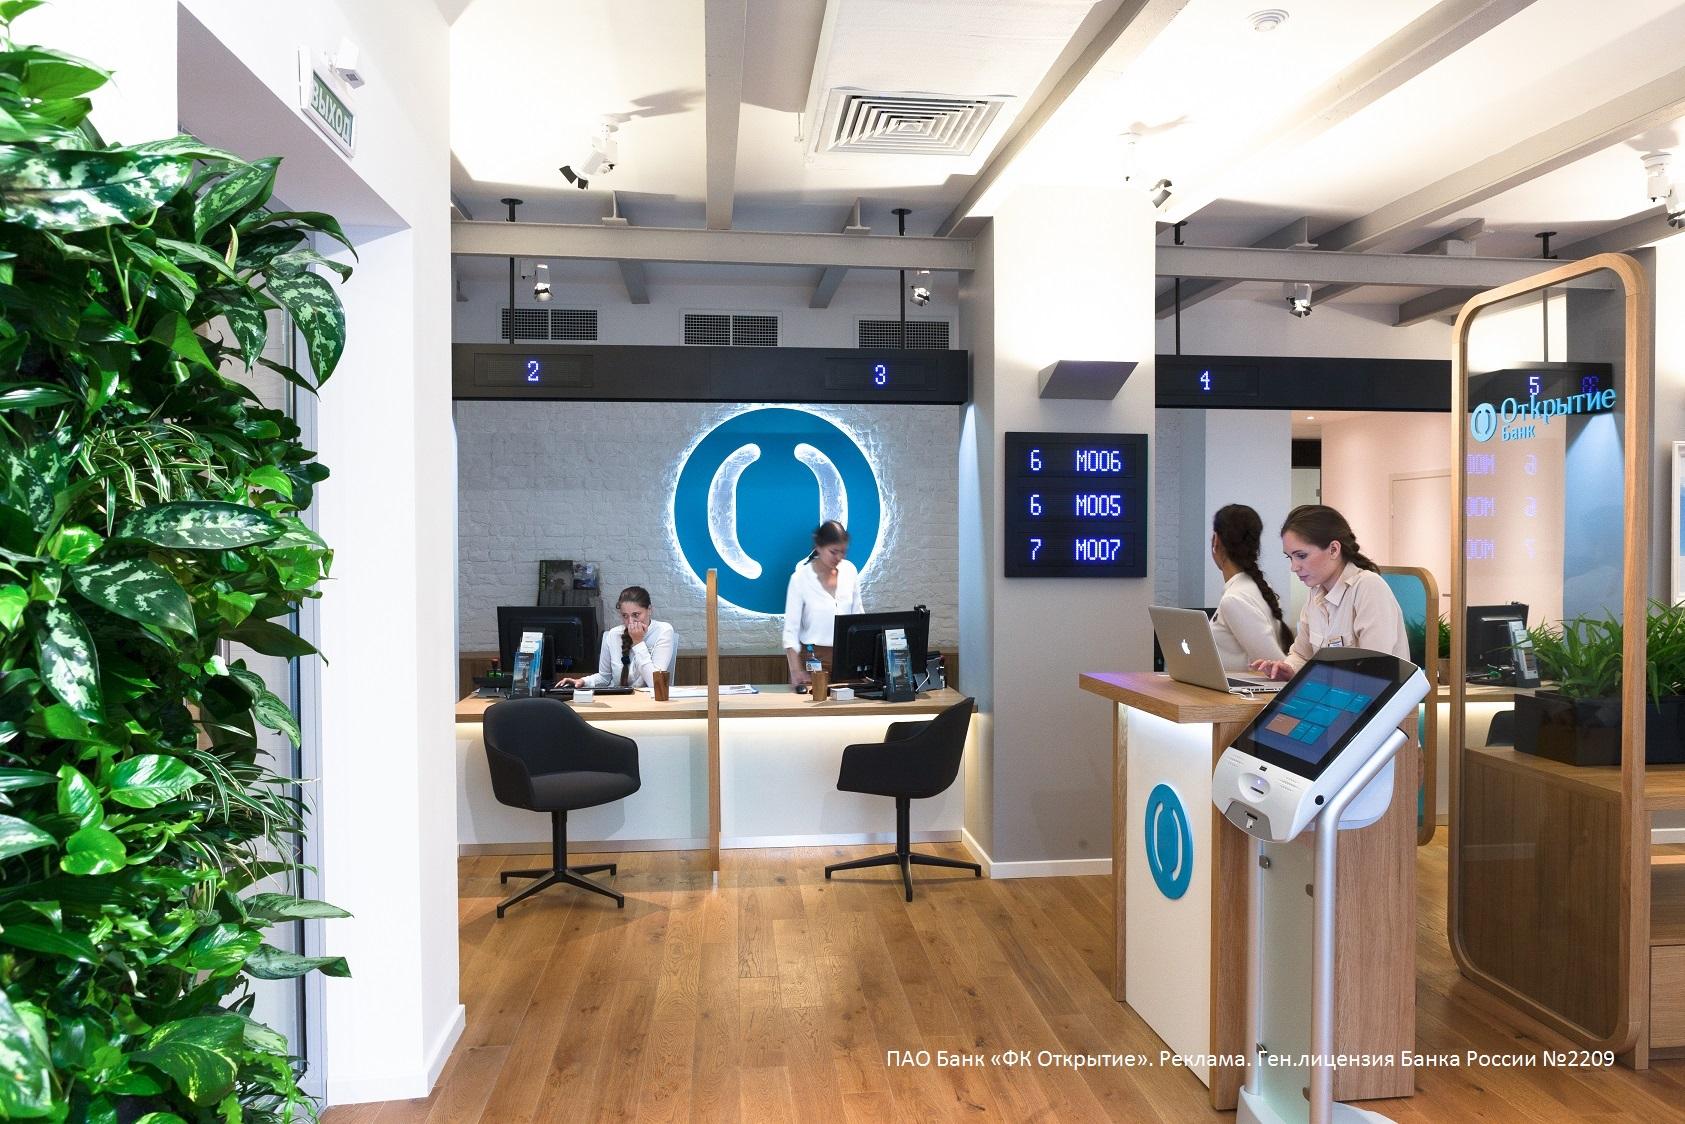 Банк «Открытие» и правительство Удмуртии провели бизнес-шоу «Цифровая эволюция бизнеса»